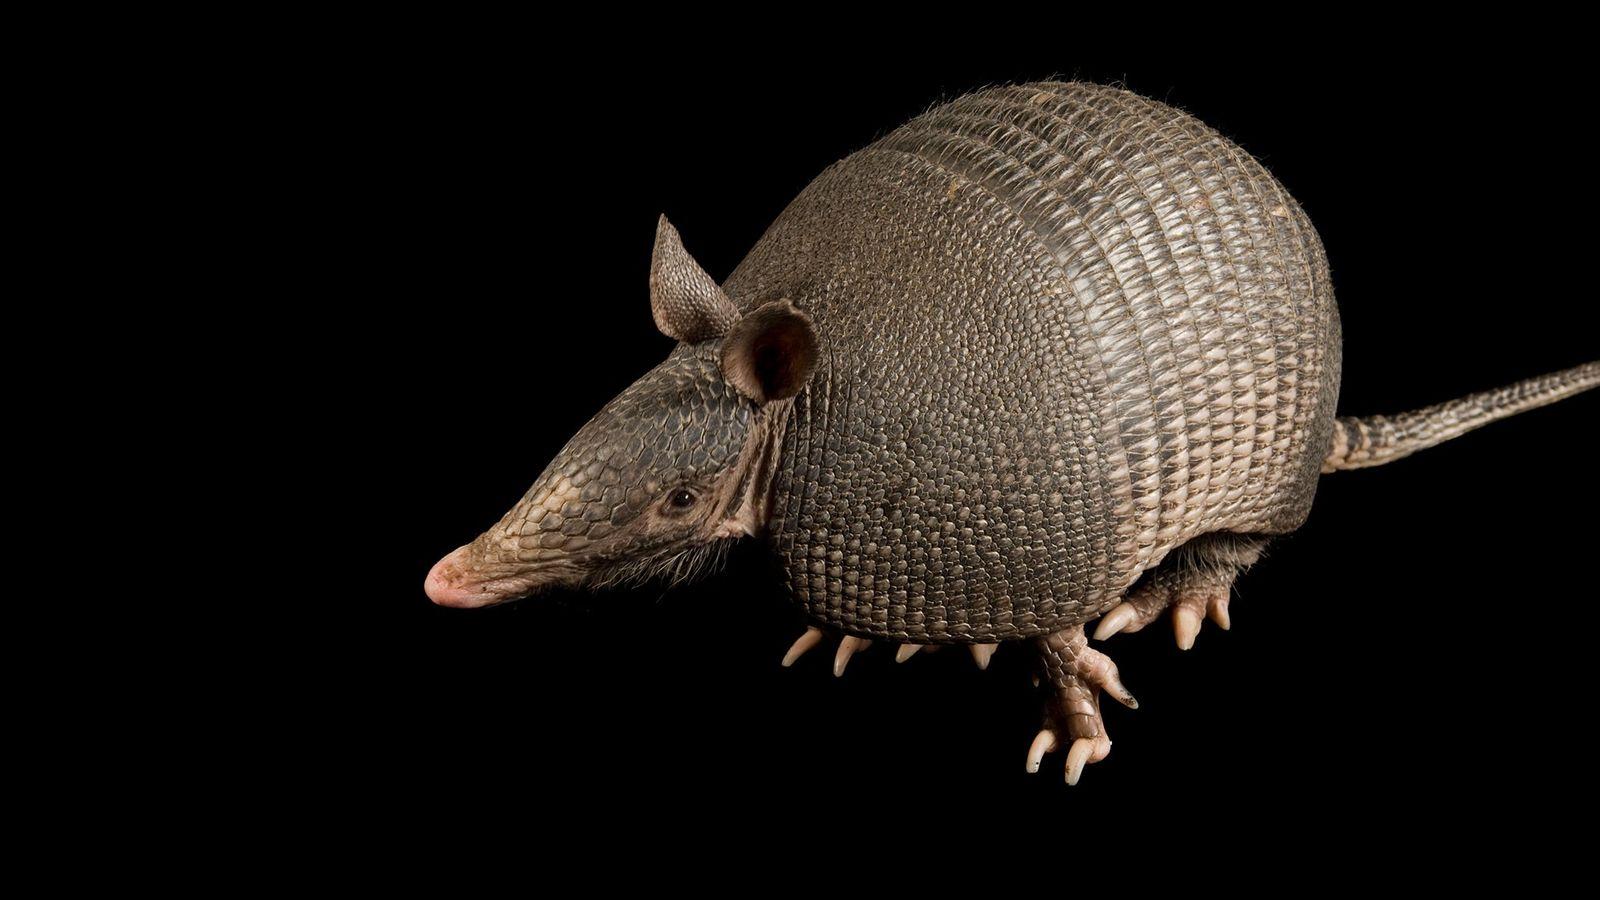 Die meisten untersuchten Neunbinden-Gürteltiere im brasilianischen Bundesstaat Pará zeigten Anzeichen dafür, dass sie Leprabakterien ausgesetzt waren.